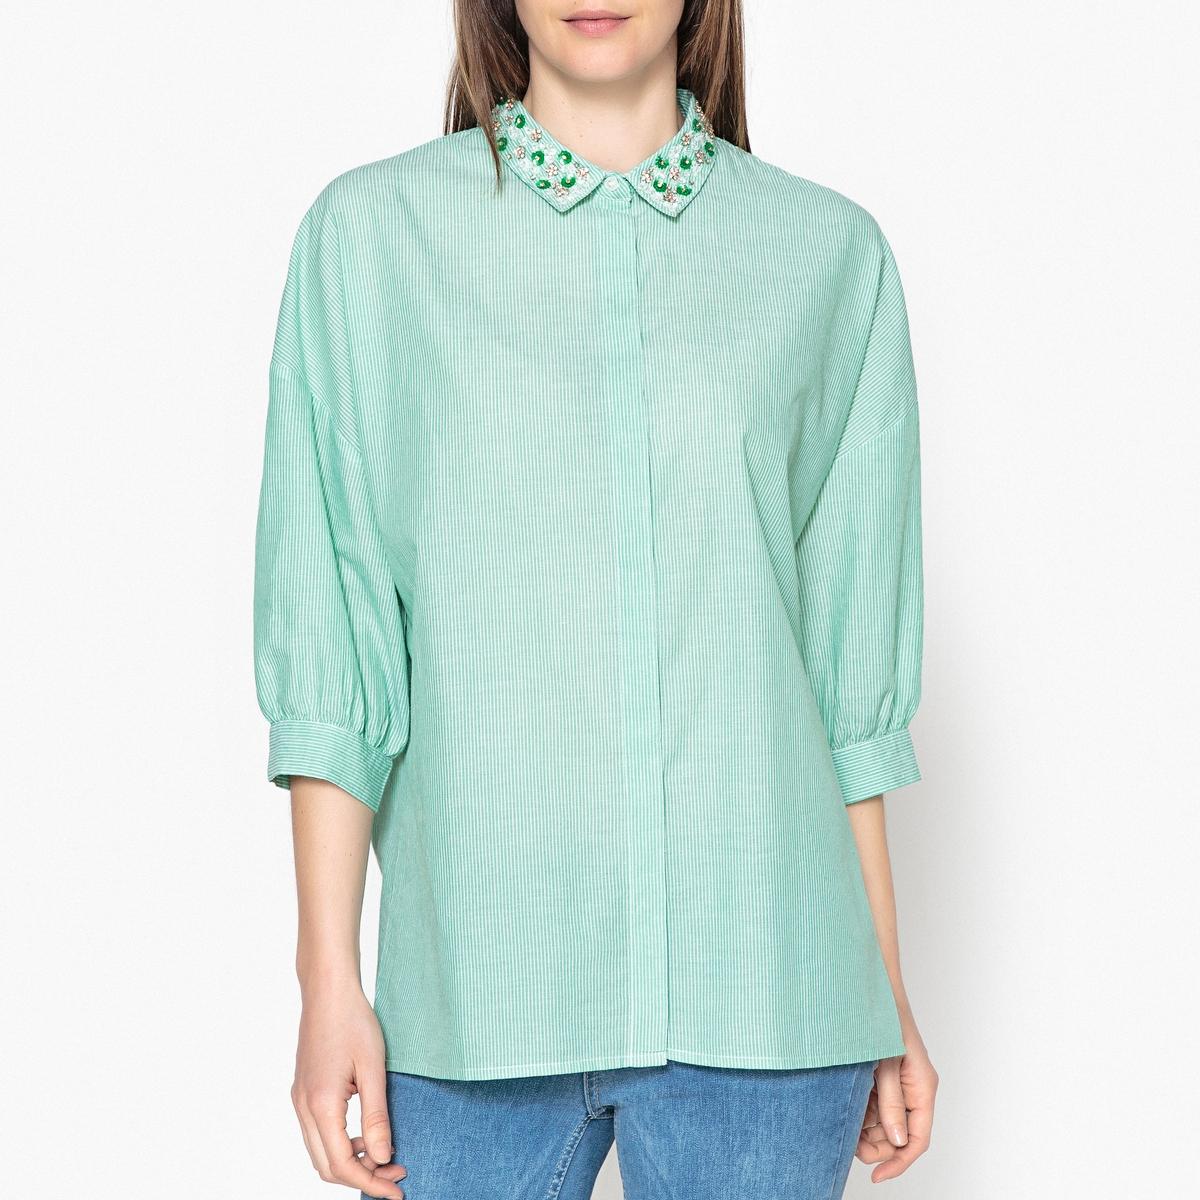 Рубашка в полоску PEPSAРубашка с рукавами 3/4 ESSENTIEL ANTWERP  - модель PEPSA. Воротник с украшениями в виде бусин.Детали •  Рукава 3/4 •  Прямой покрой •  Воротник-поло •  Рисунок в полоскуСостав и уход •  65% хлопка, 35% полиэстера •  Наполнитель : 85% стекла, 15% латуни •  Вторичный материал : 100% полиэстер •  Следуйте советам по уходу, указанным на этикетке<br><br>Цвет: зеленый